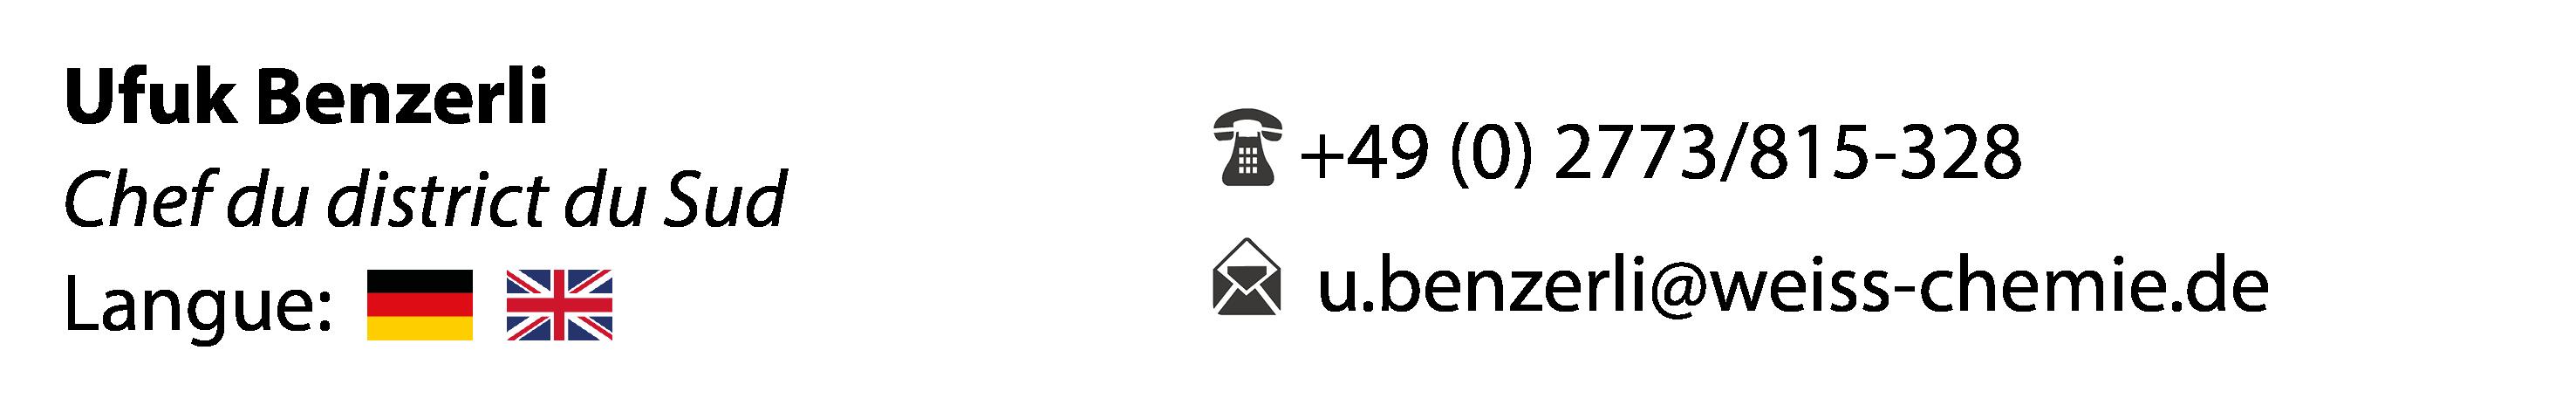 Ufuk - Division Panneaux Sandwich